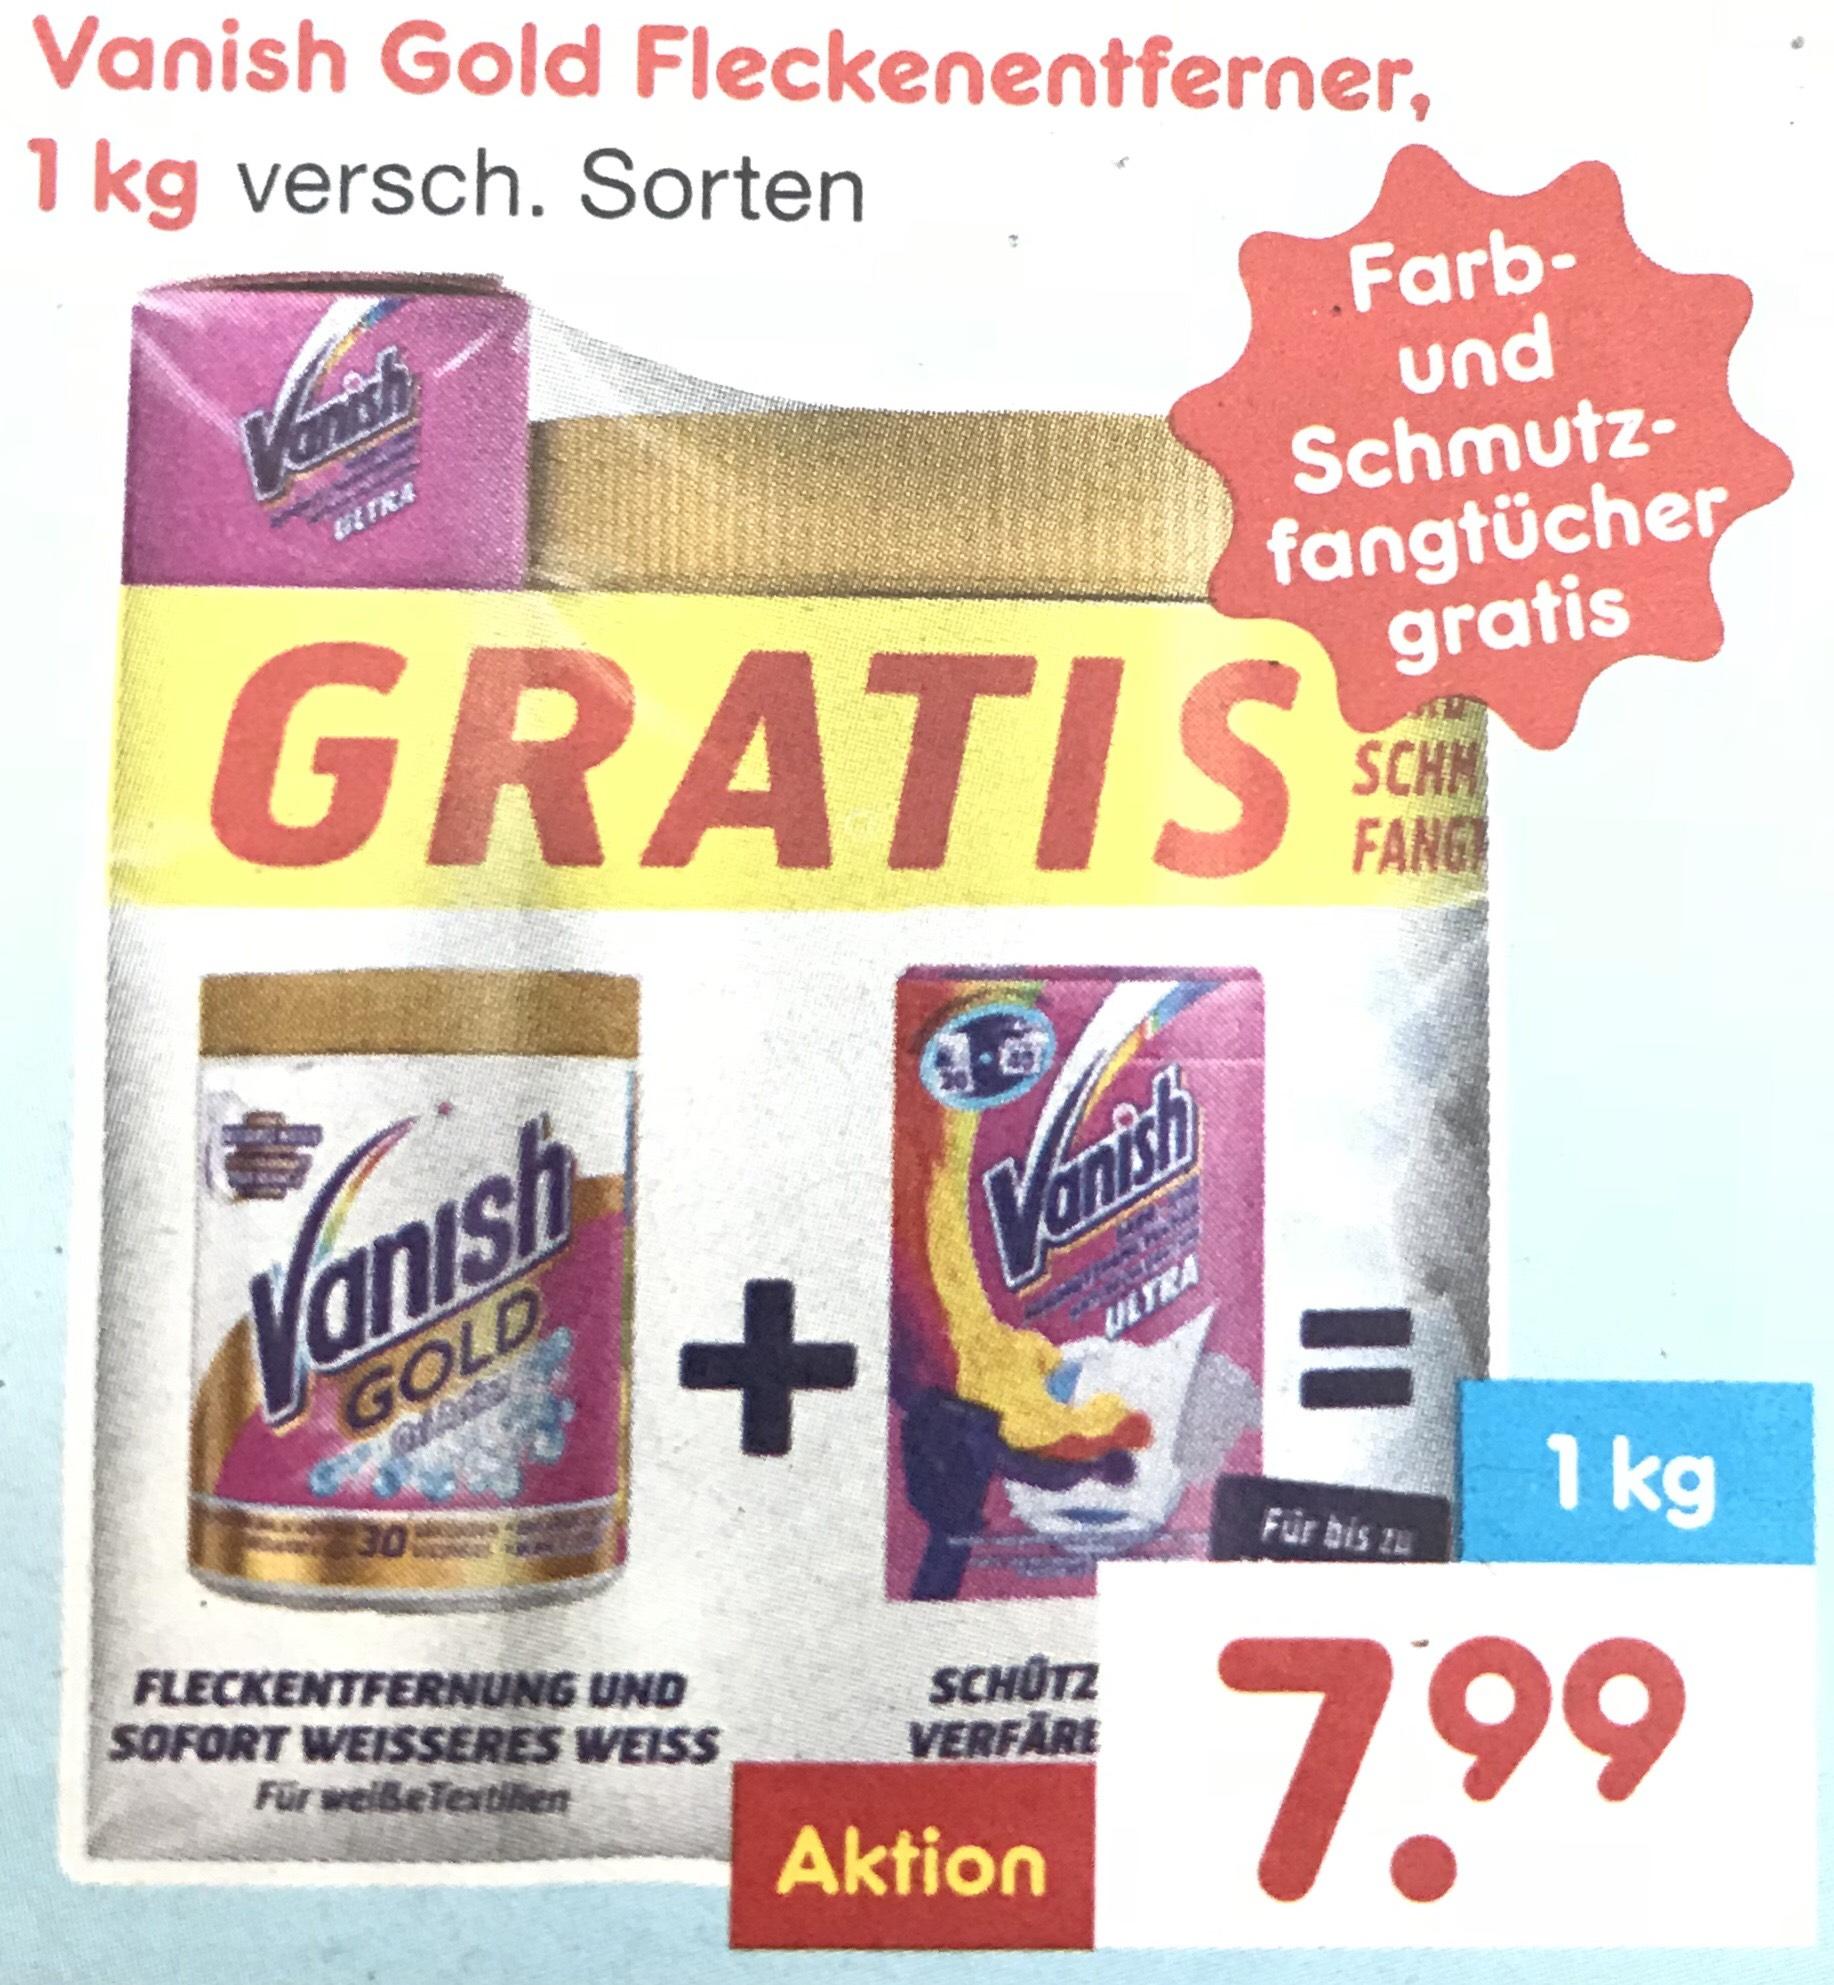 Vanish Gold Fleckenentferner mit Gratisbeigabe >Netto<.